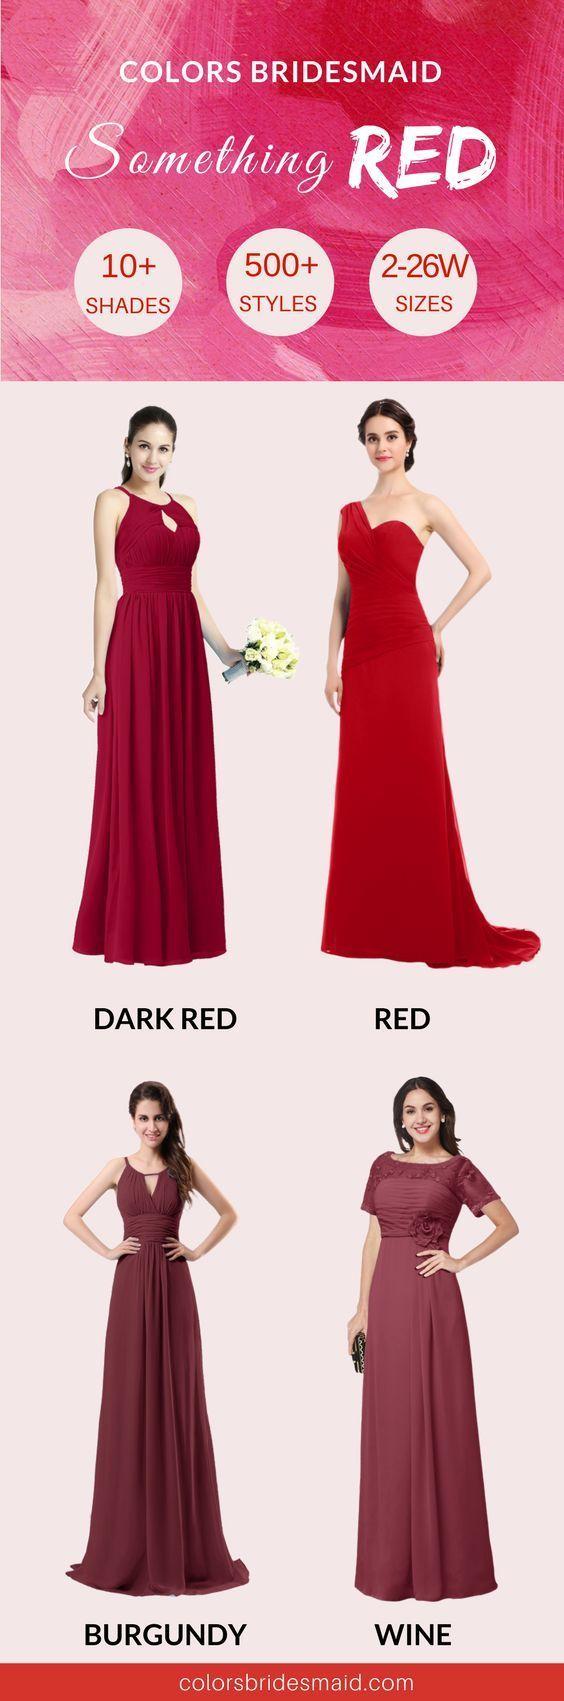 Unsere roten Brautjungfernkleider haben mehr als 10 verschiedene Farbtöne, einschließlich, ab... Unsere roten Brautjungfernkleider haben mehr als 10 verschiedene Farbtöne, einschließlich, aber nicht beschränkt auf rot, dunkel ...,